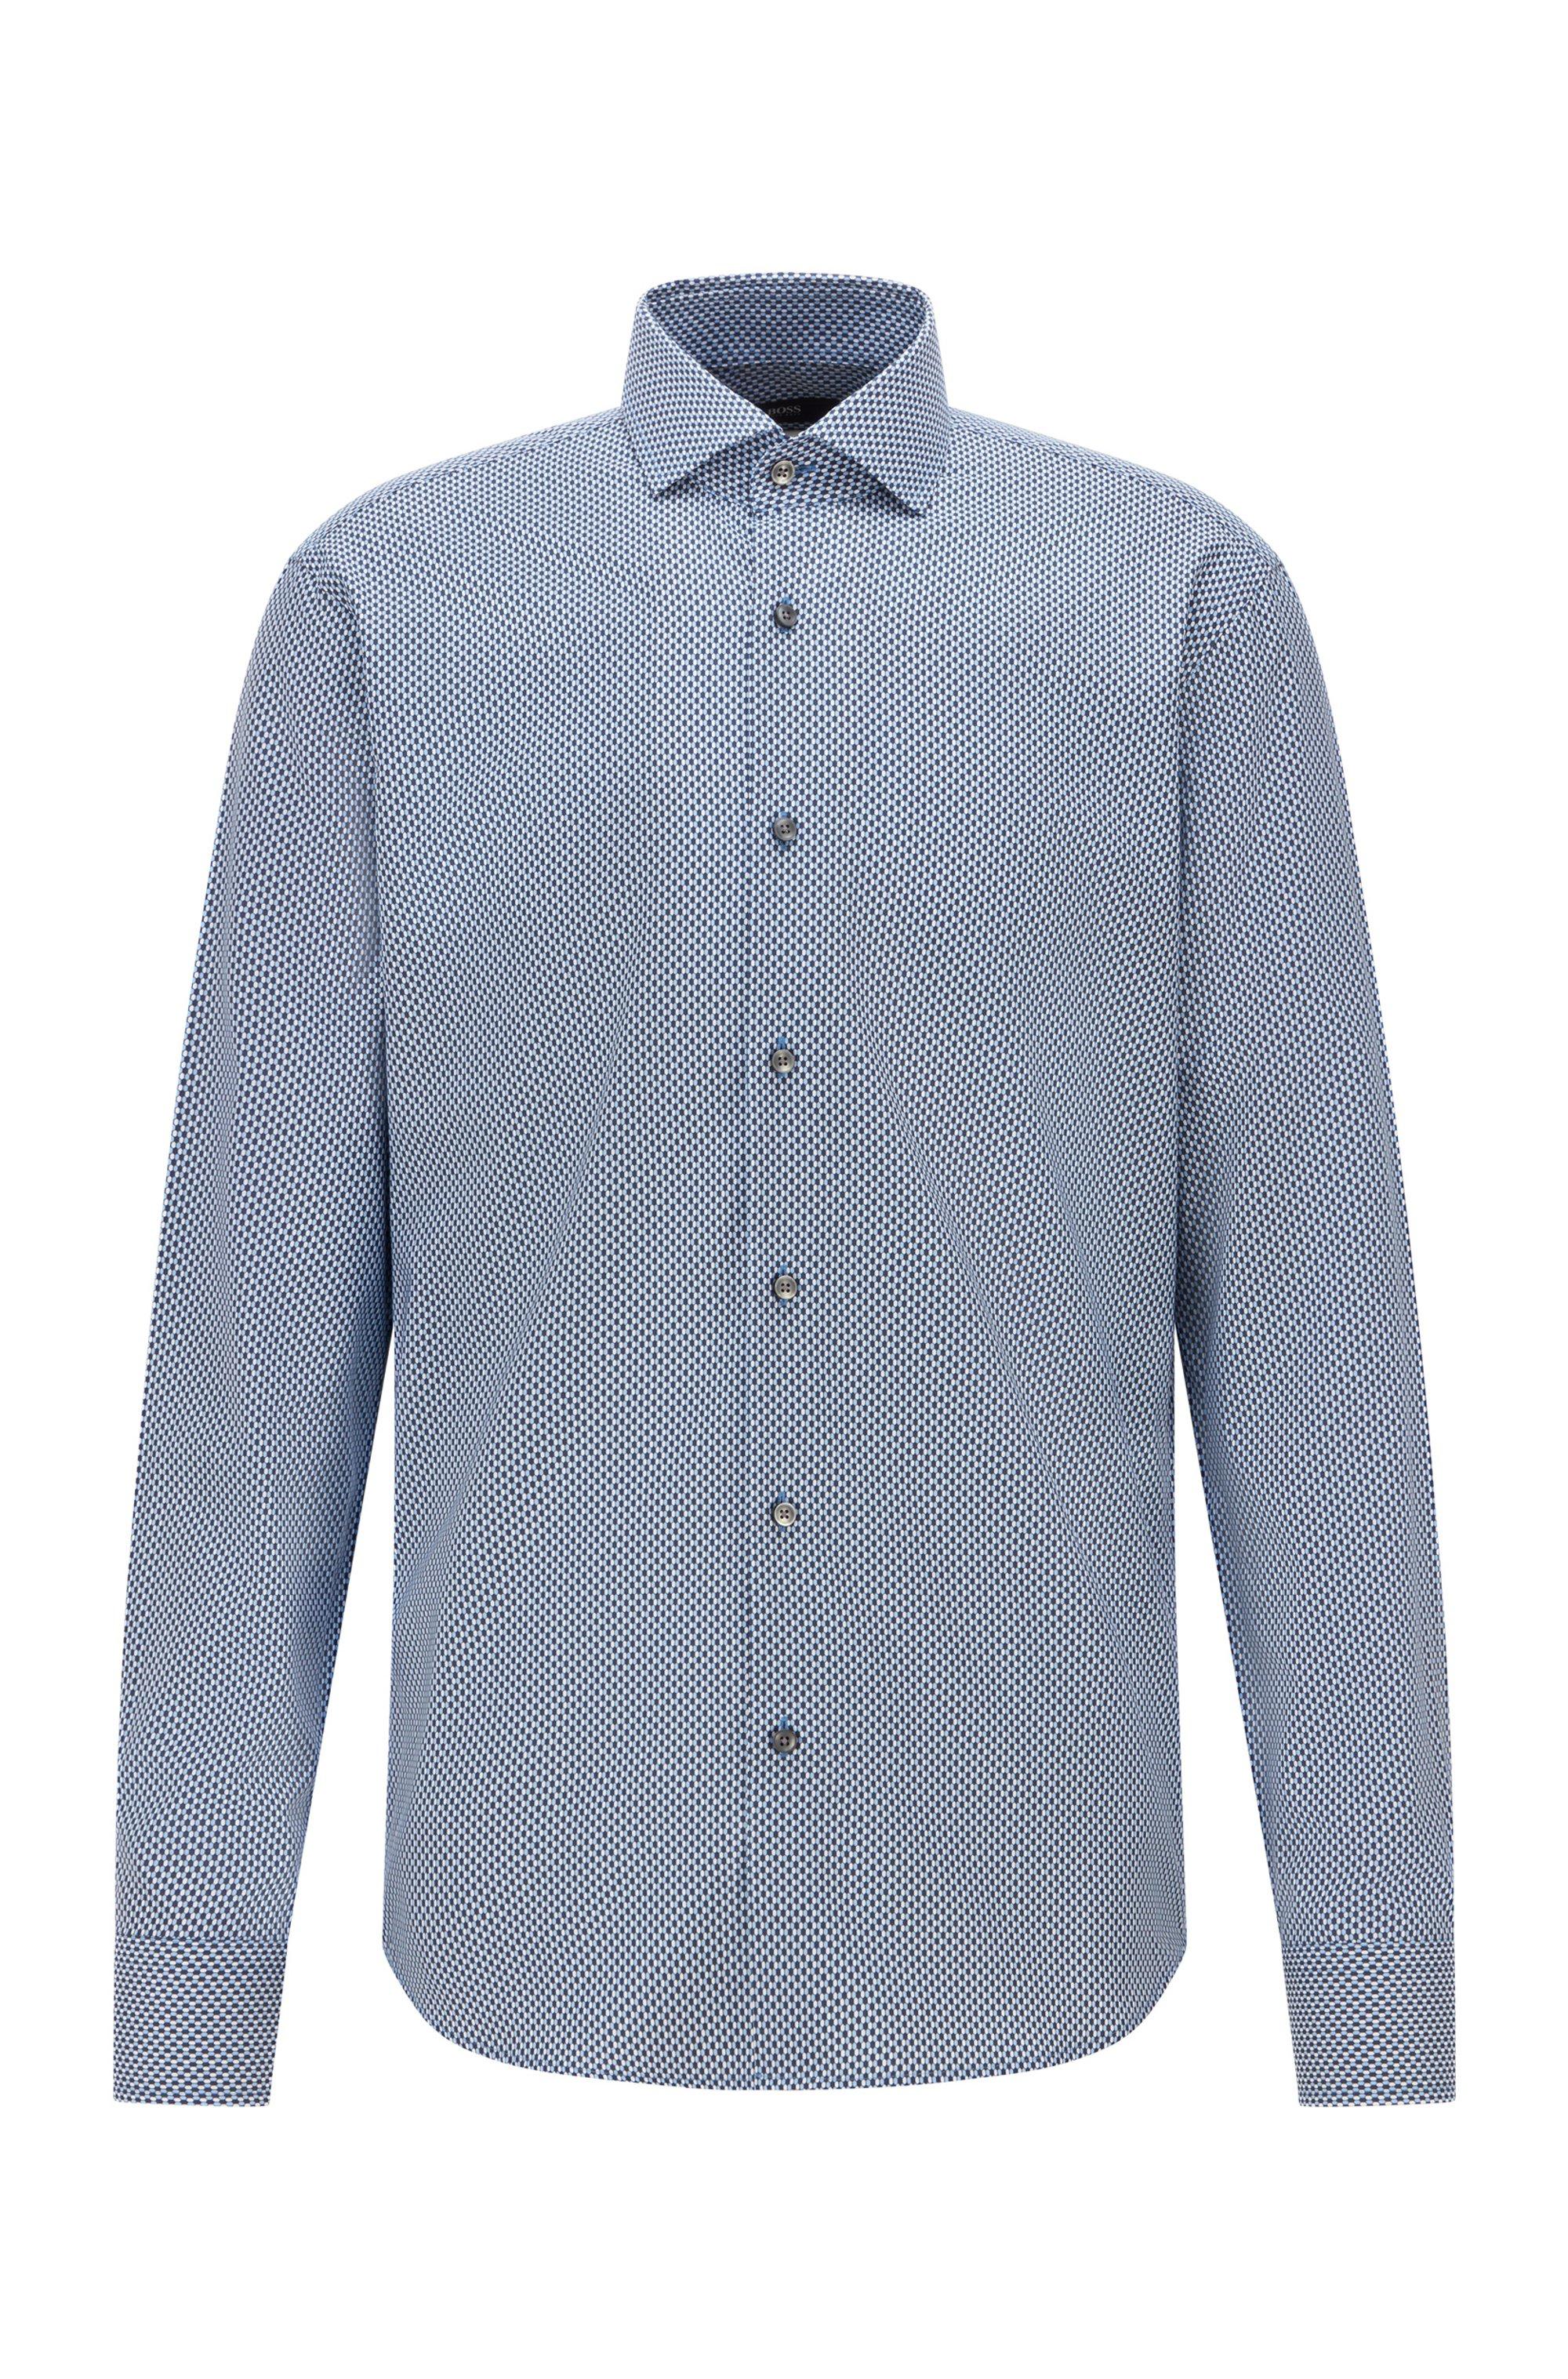 Regular-fit overhemd van Italiaanse twill met geometrische print, Blauw met dessin